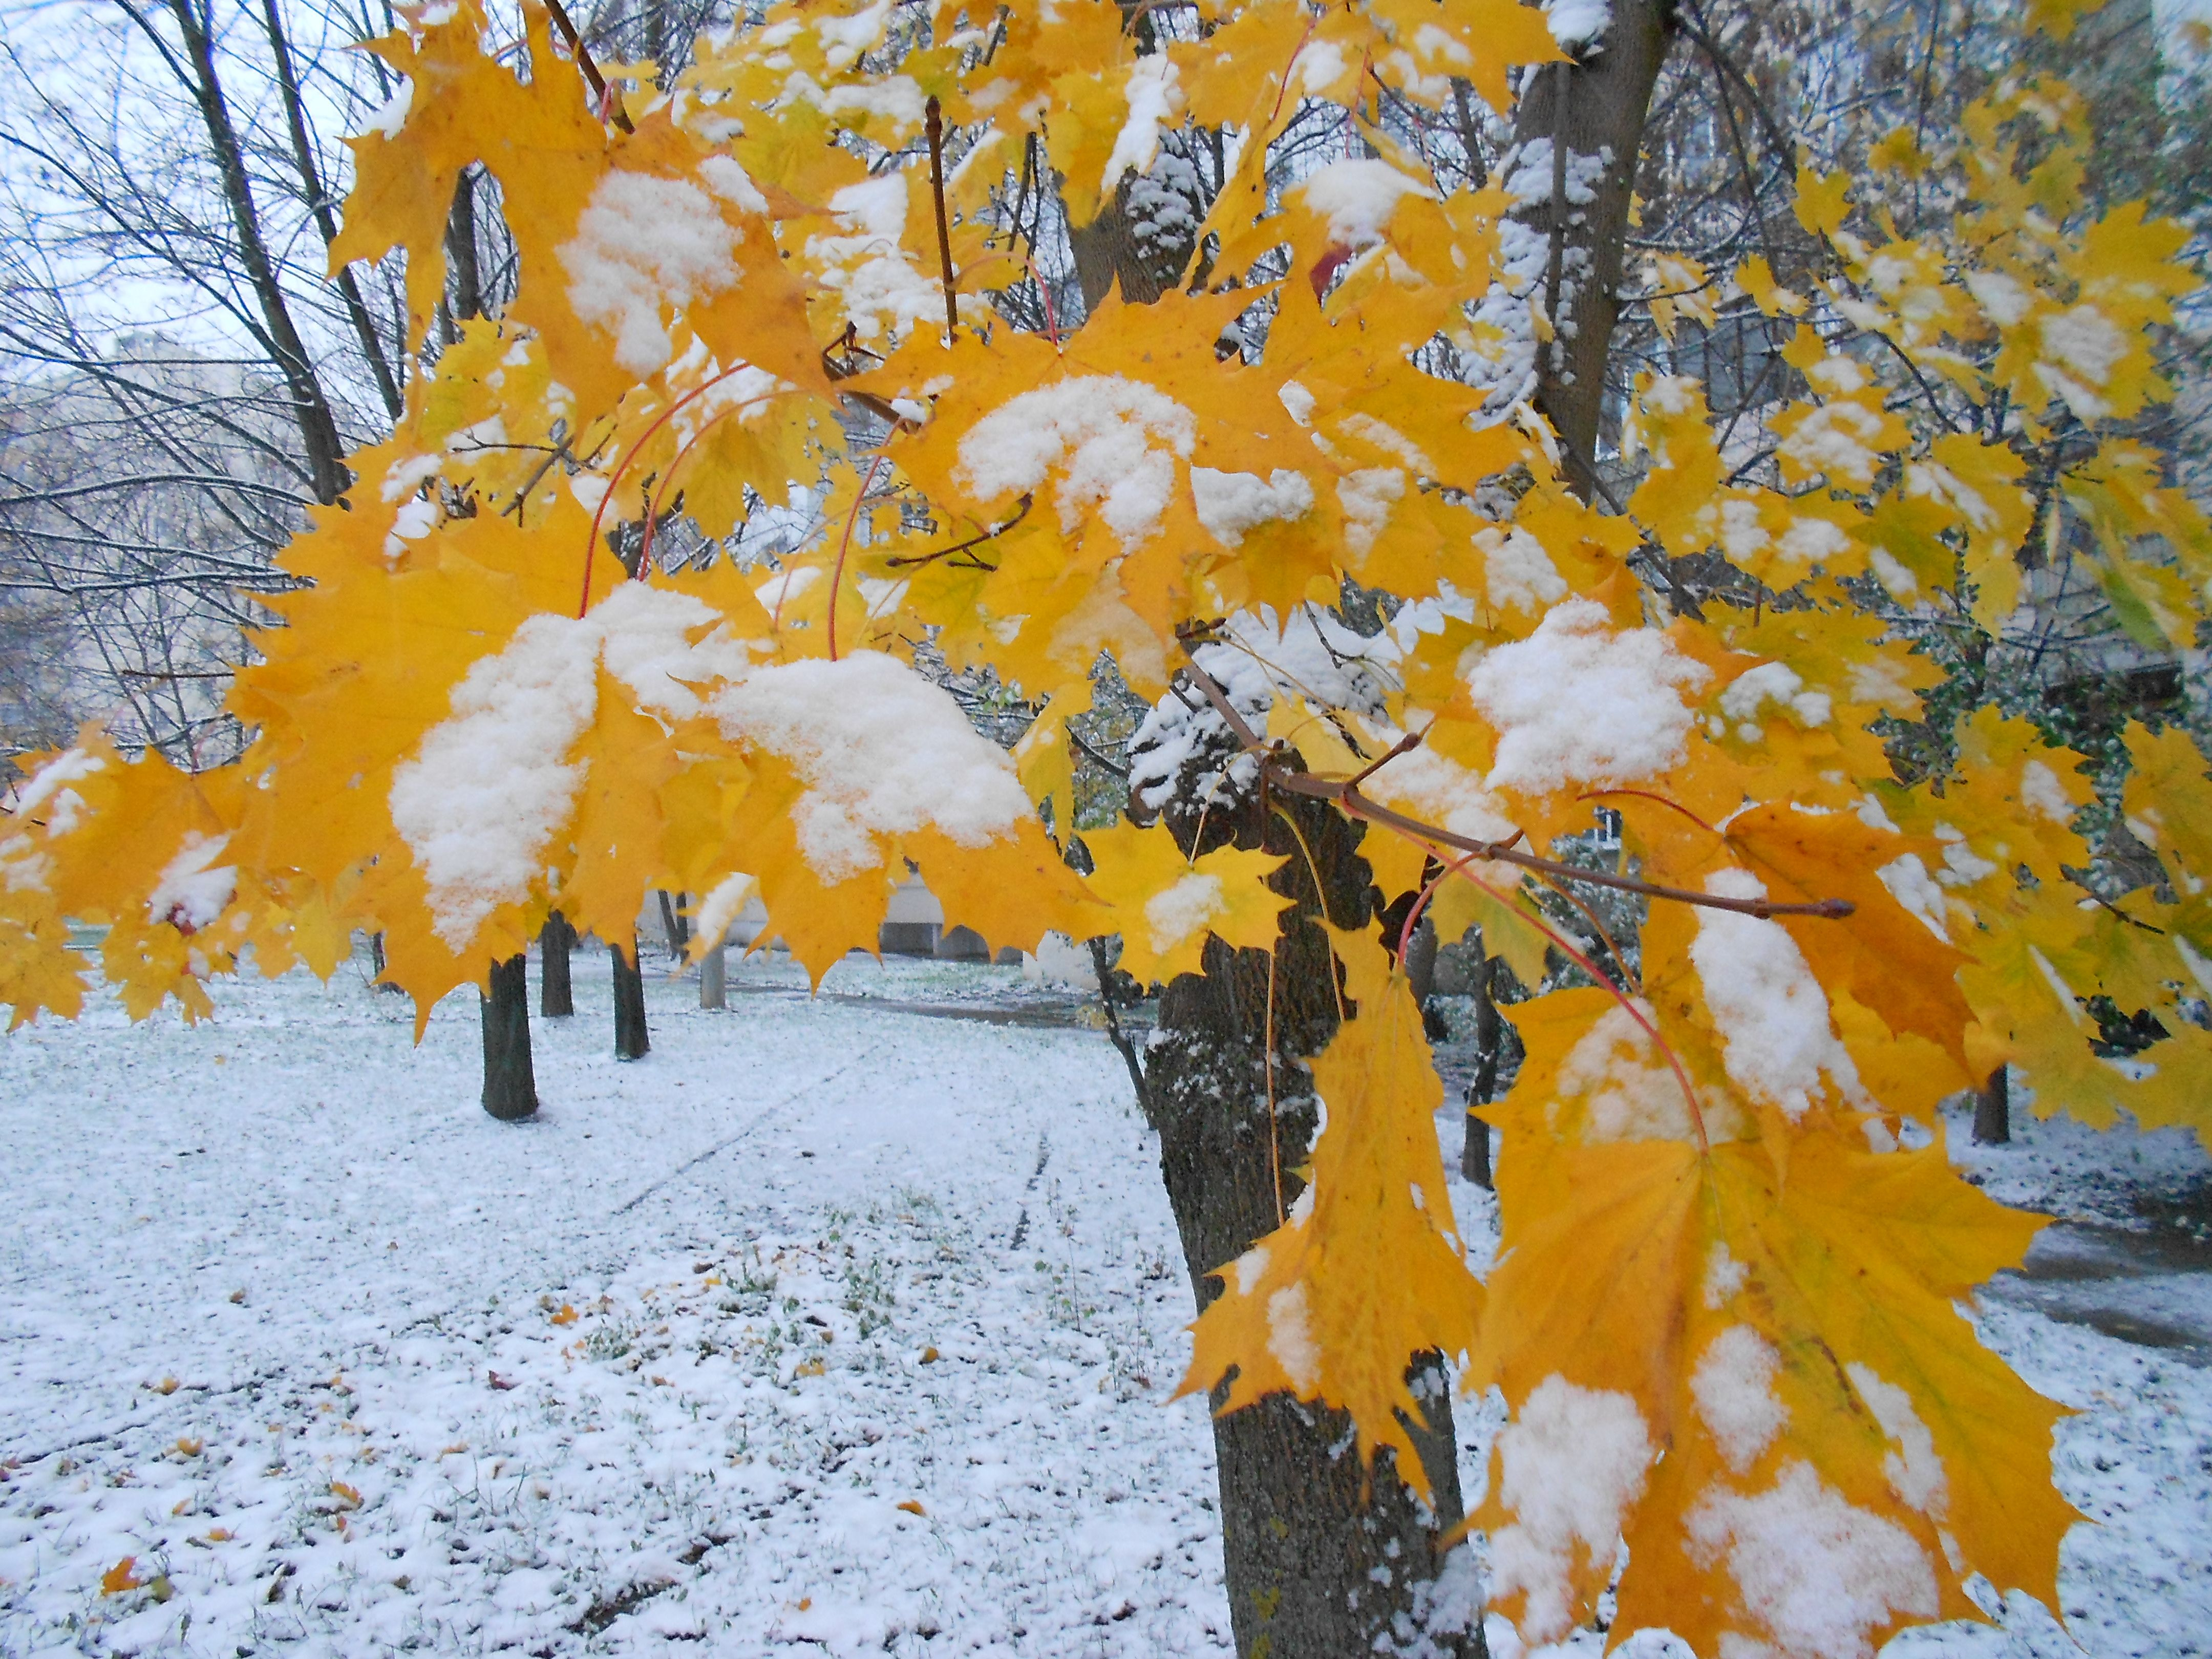 Осень картинки со снегом